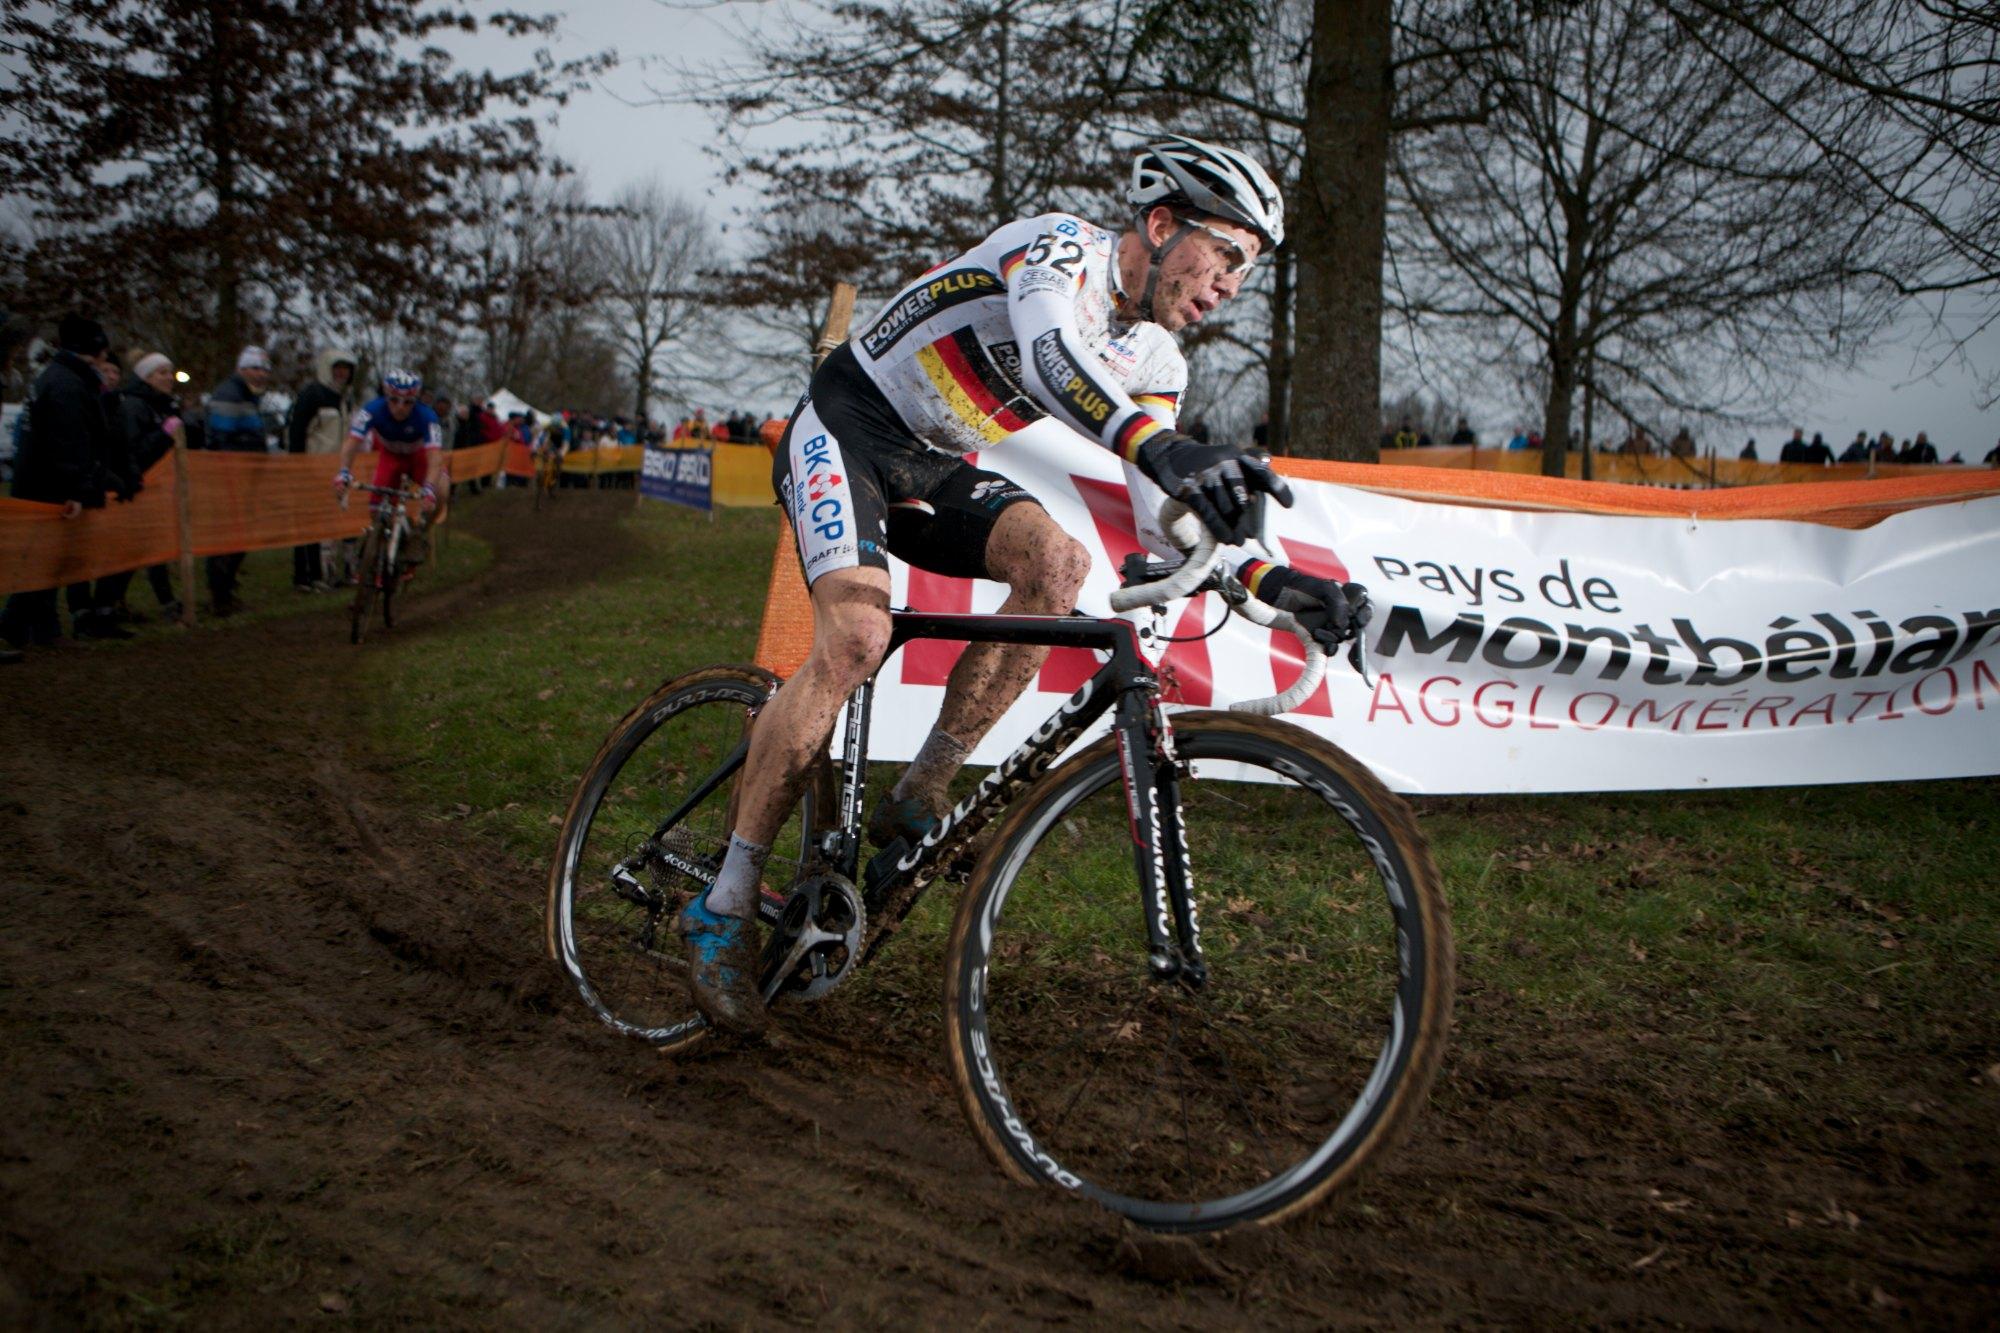 Světový pohár v cyklokrosu, Nommay 2014: Philipp Walsleben